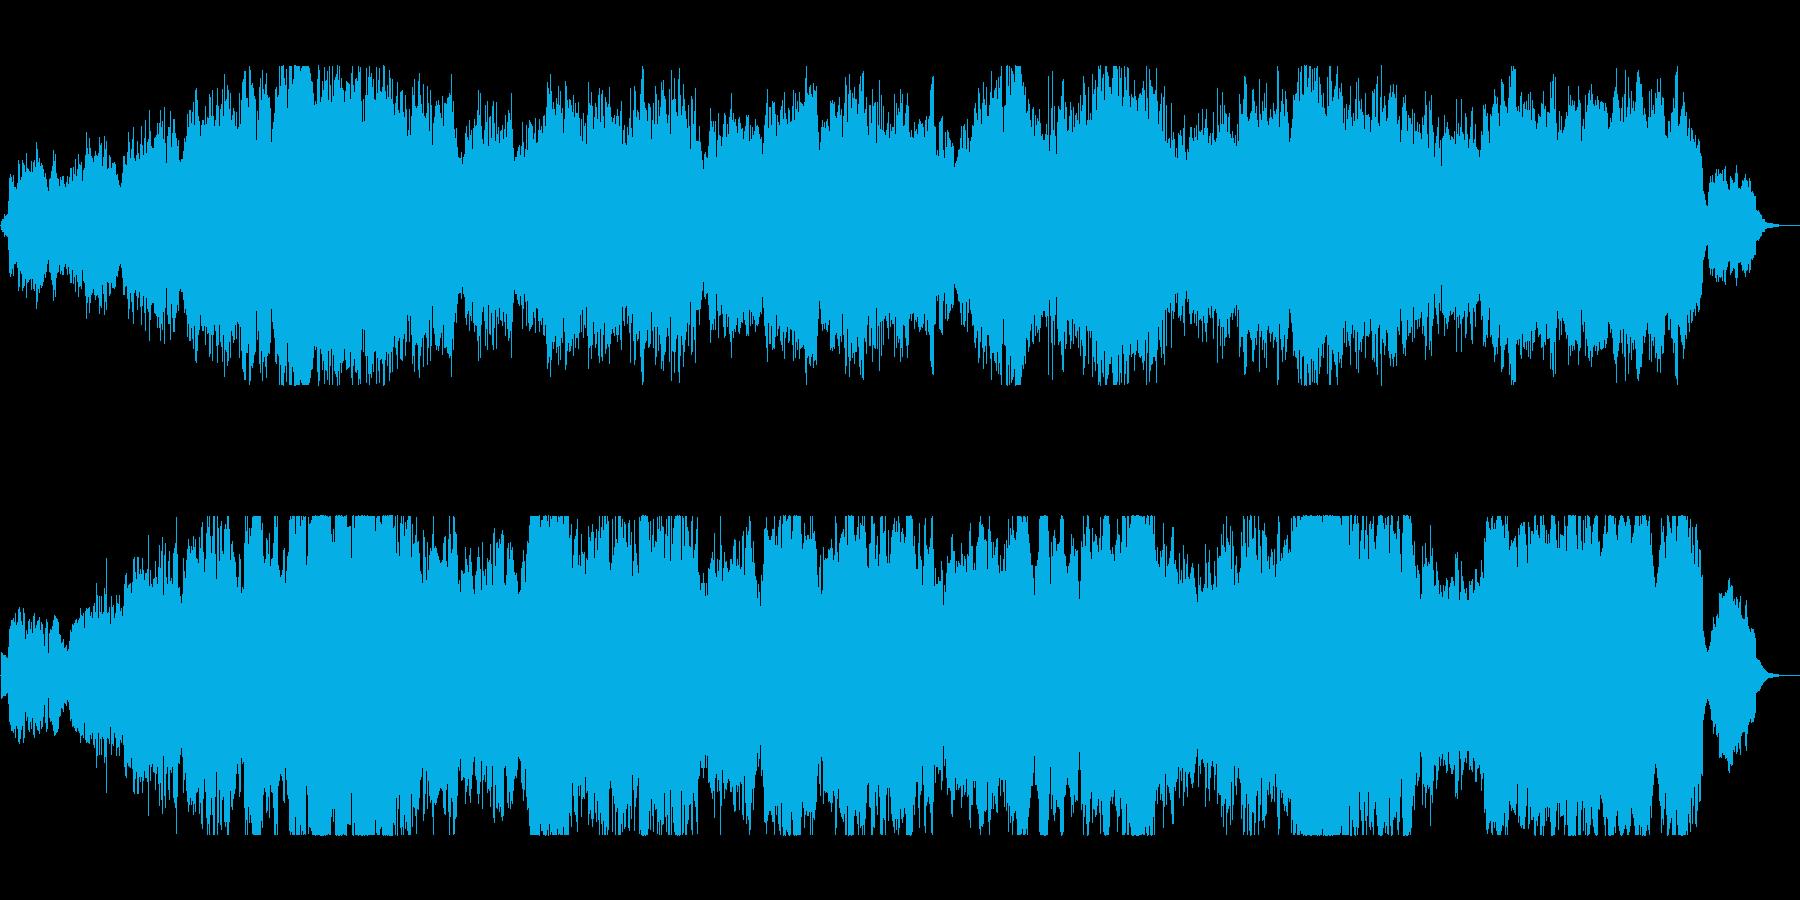 達成感あふれる感動の女性ボーカル曲の再生済みの波形